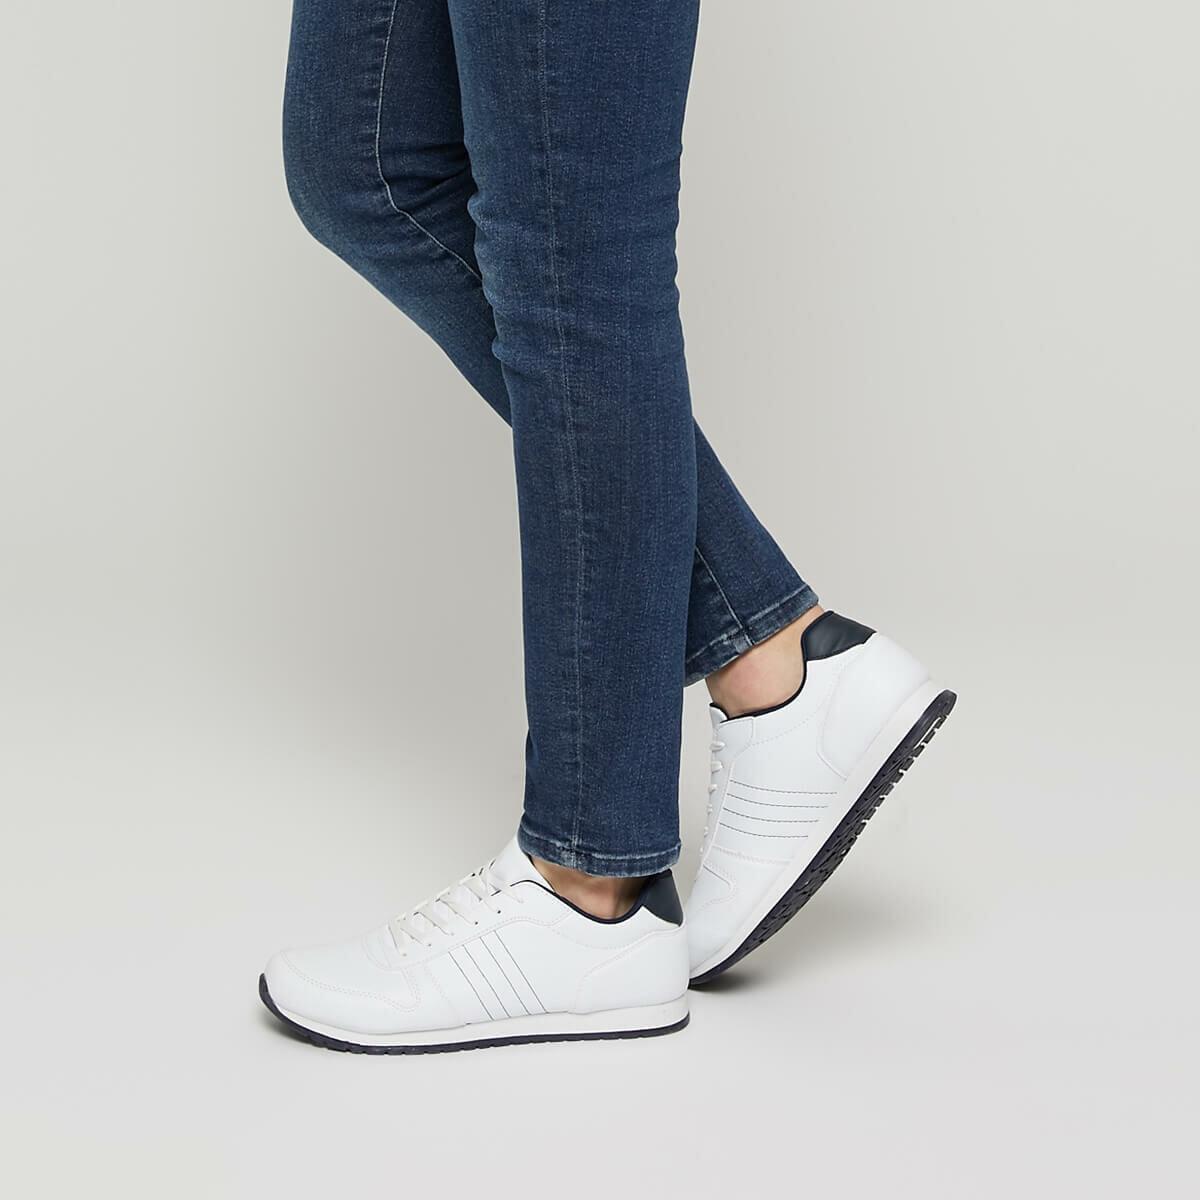 FLO 91. 356036.M White Men 'S Sports Shoes Polaris